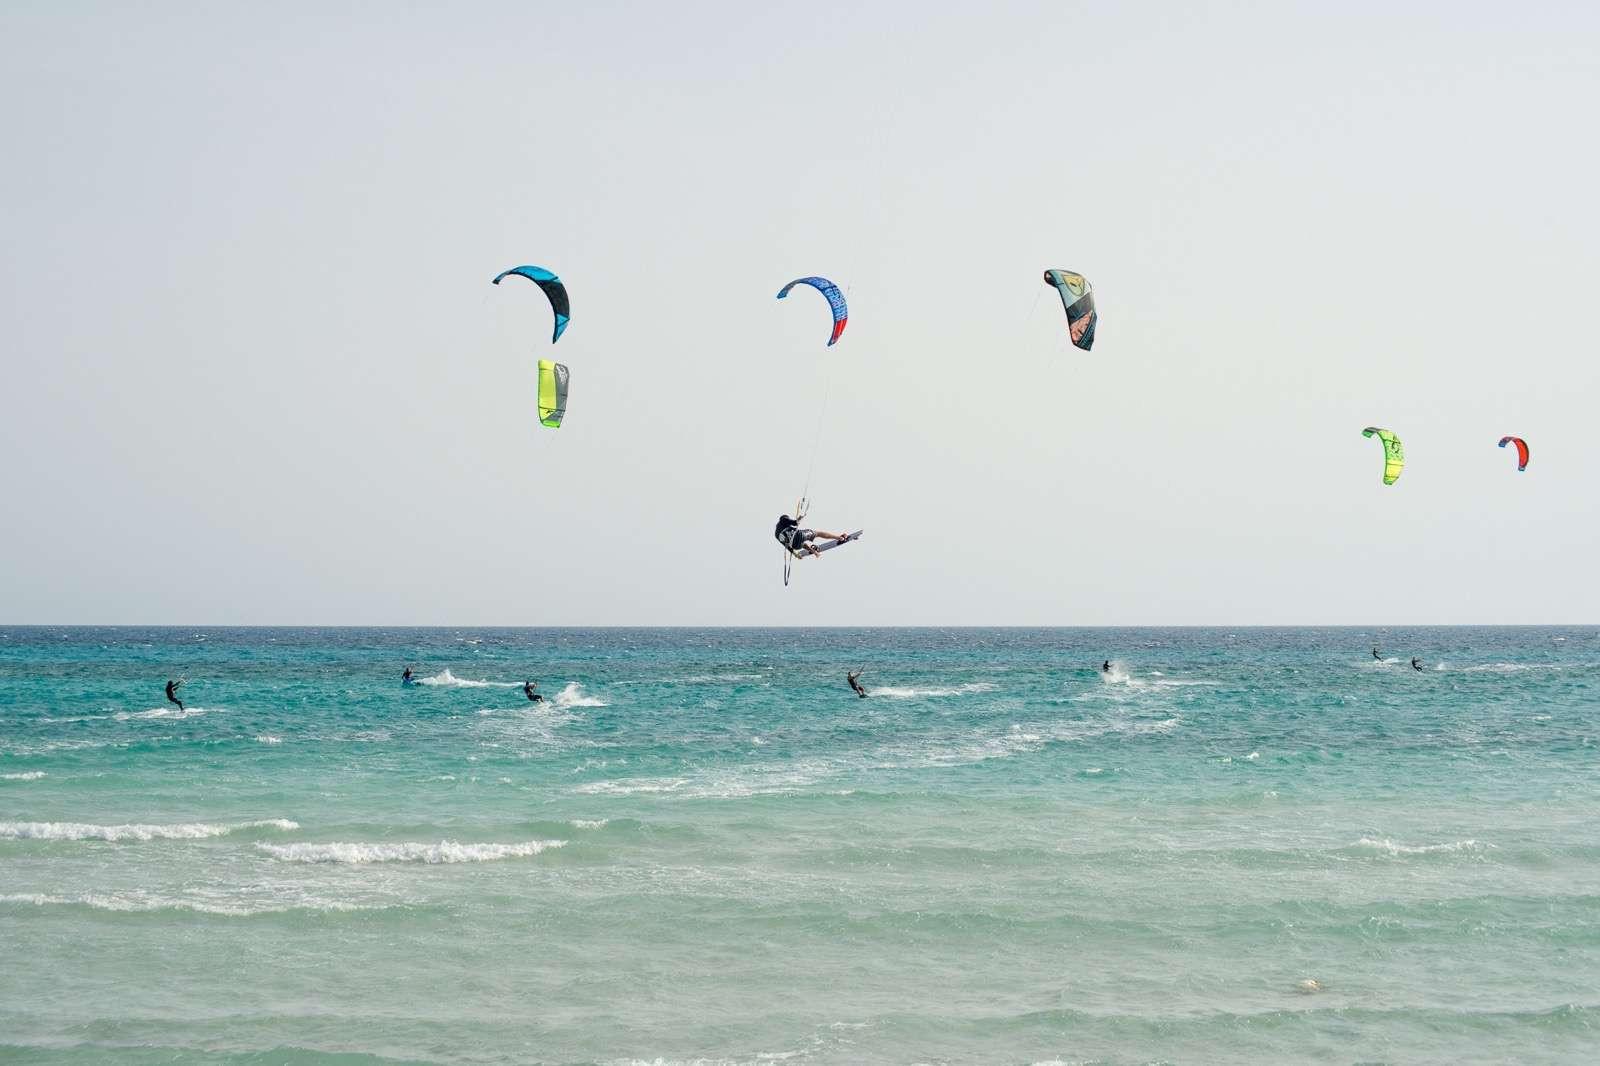 Corso avanzato di kitesurf da 4 lezioni in Salento